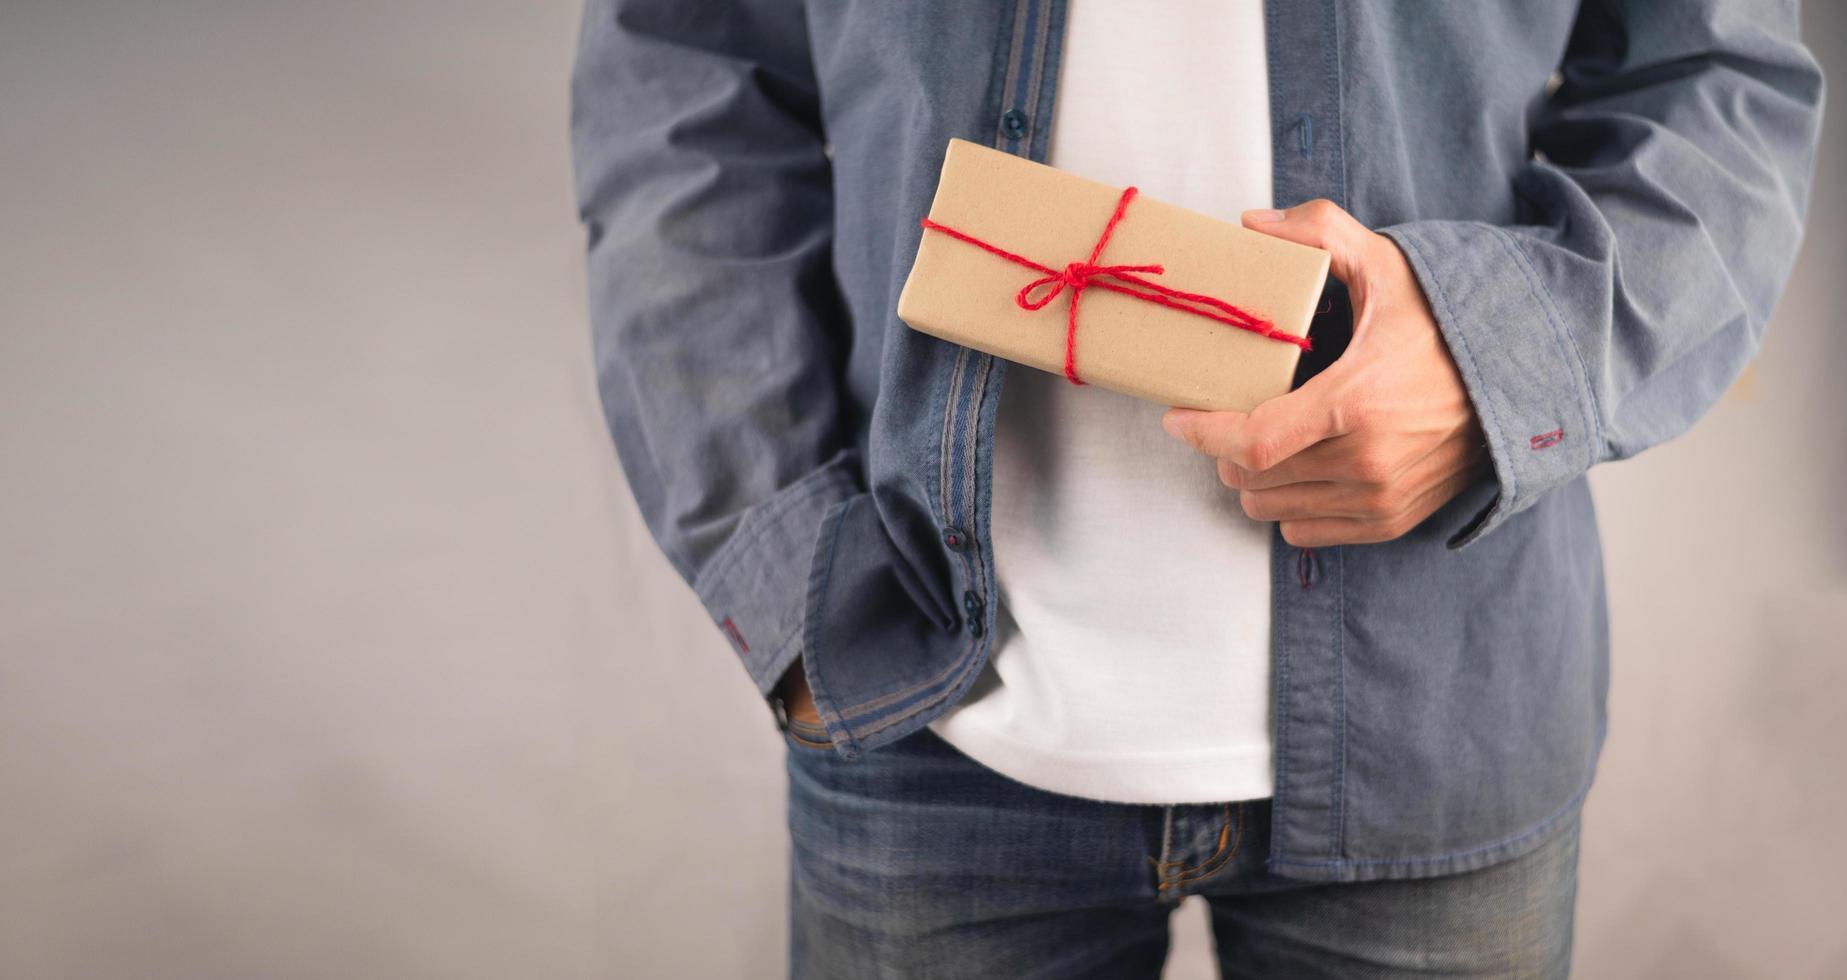 personas con caja de regalo, caja de regalo de año nuevo, caja de regalo de Navidad, espacio de copia. Navidad, año nuevo, concepto de cumpleaños. foto